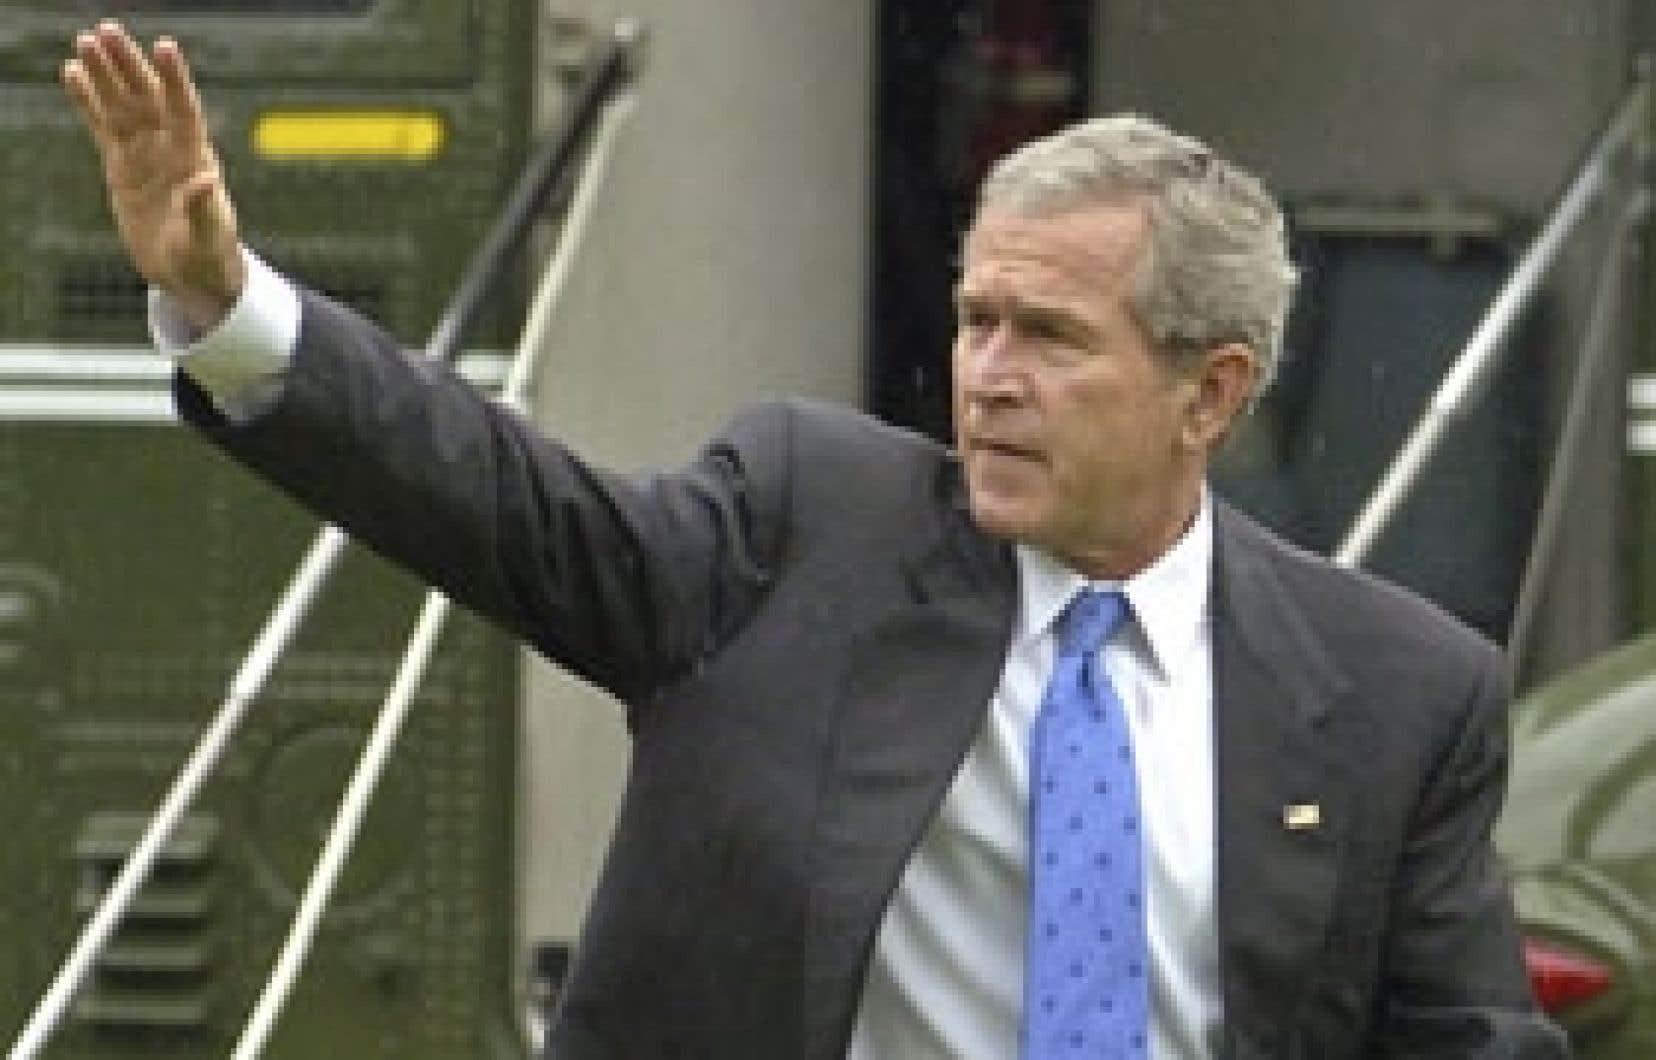 Le président américain George W. Bush débarque sur le parterre de la Maison-Blanche après avoir voté au Texas, hier, jour d'élections législatives aux États-Unis. Les démocrates espéraient prendre le contrôle de la Chambre des représentants